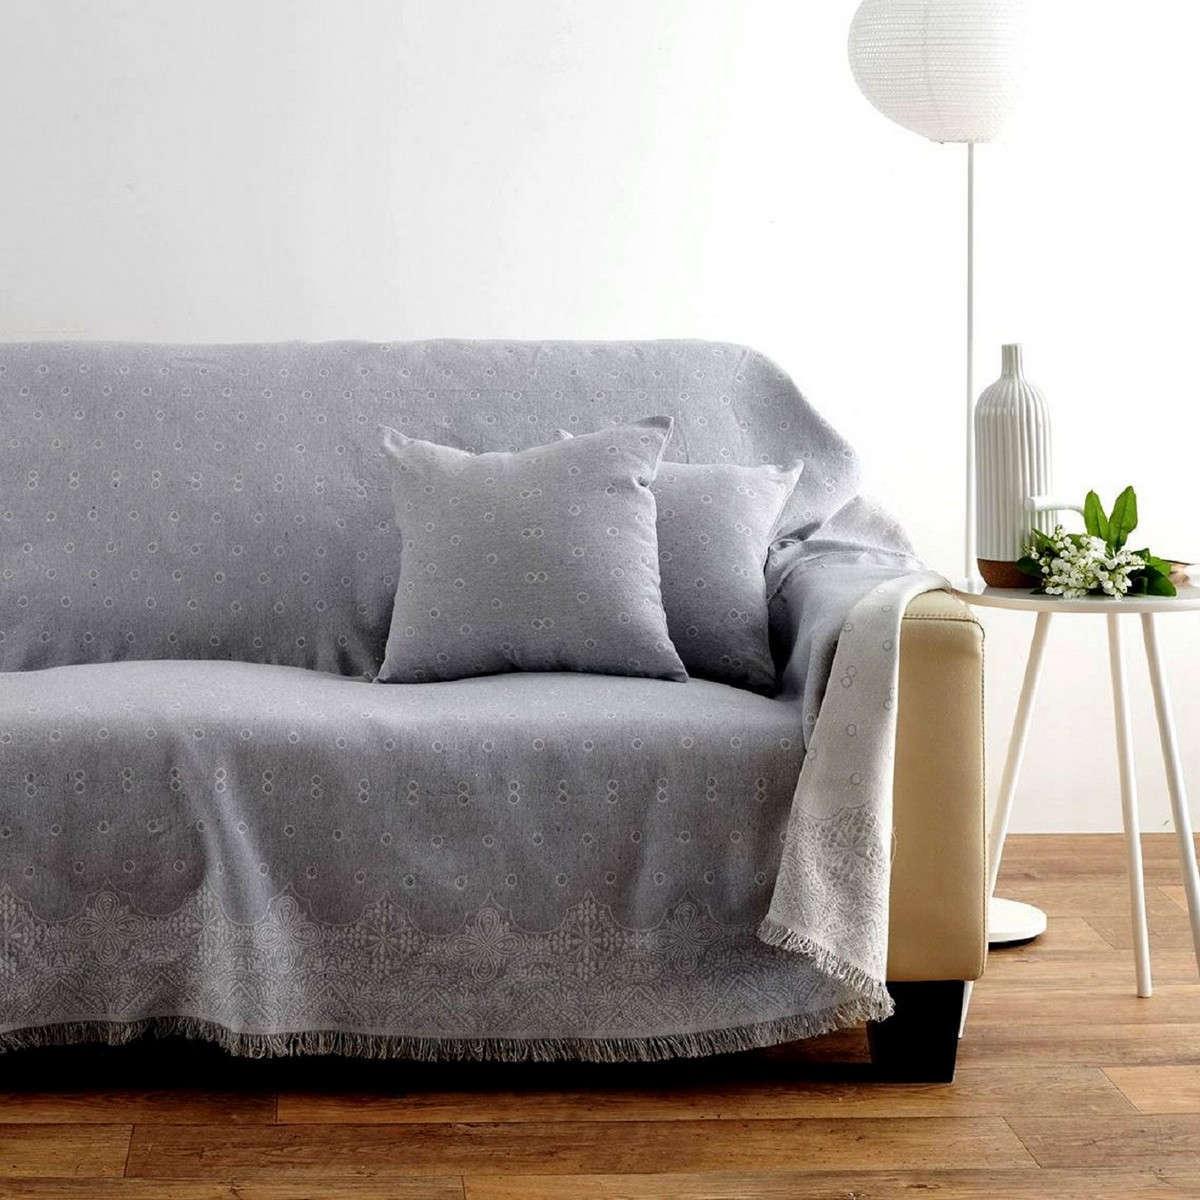 Ριχτάρι Paris Grey Sb Home Πολυθρόνα 180x160cm